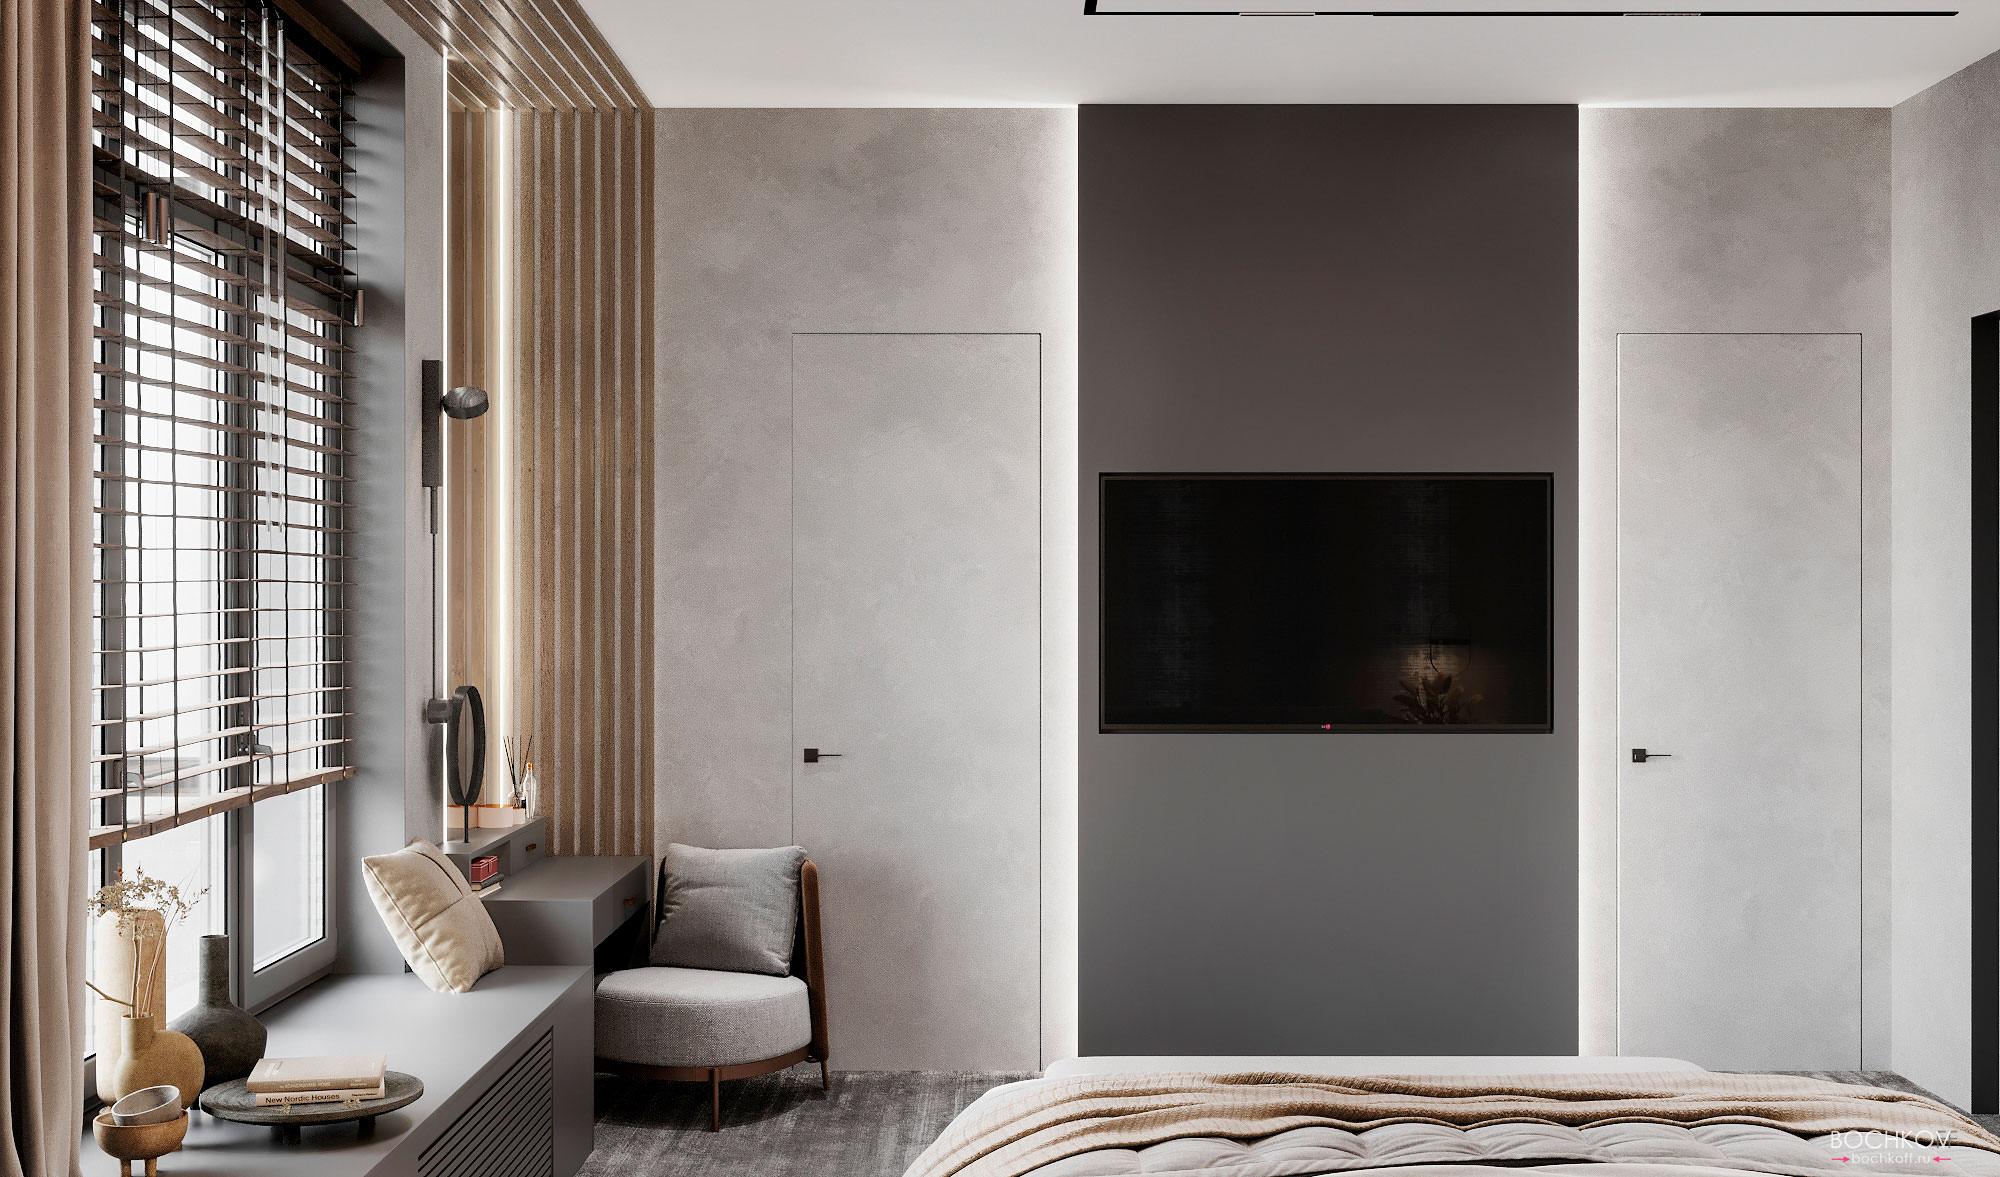 Спальная комната, вид 3, КД Ривьера